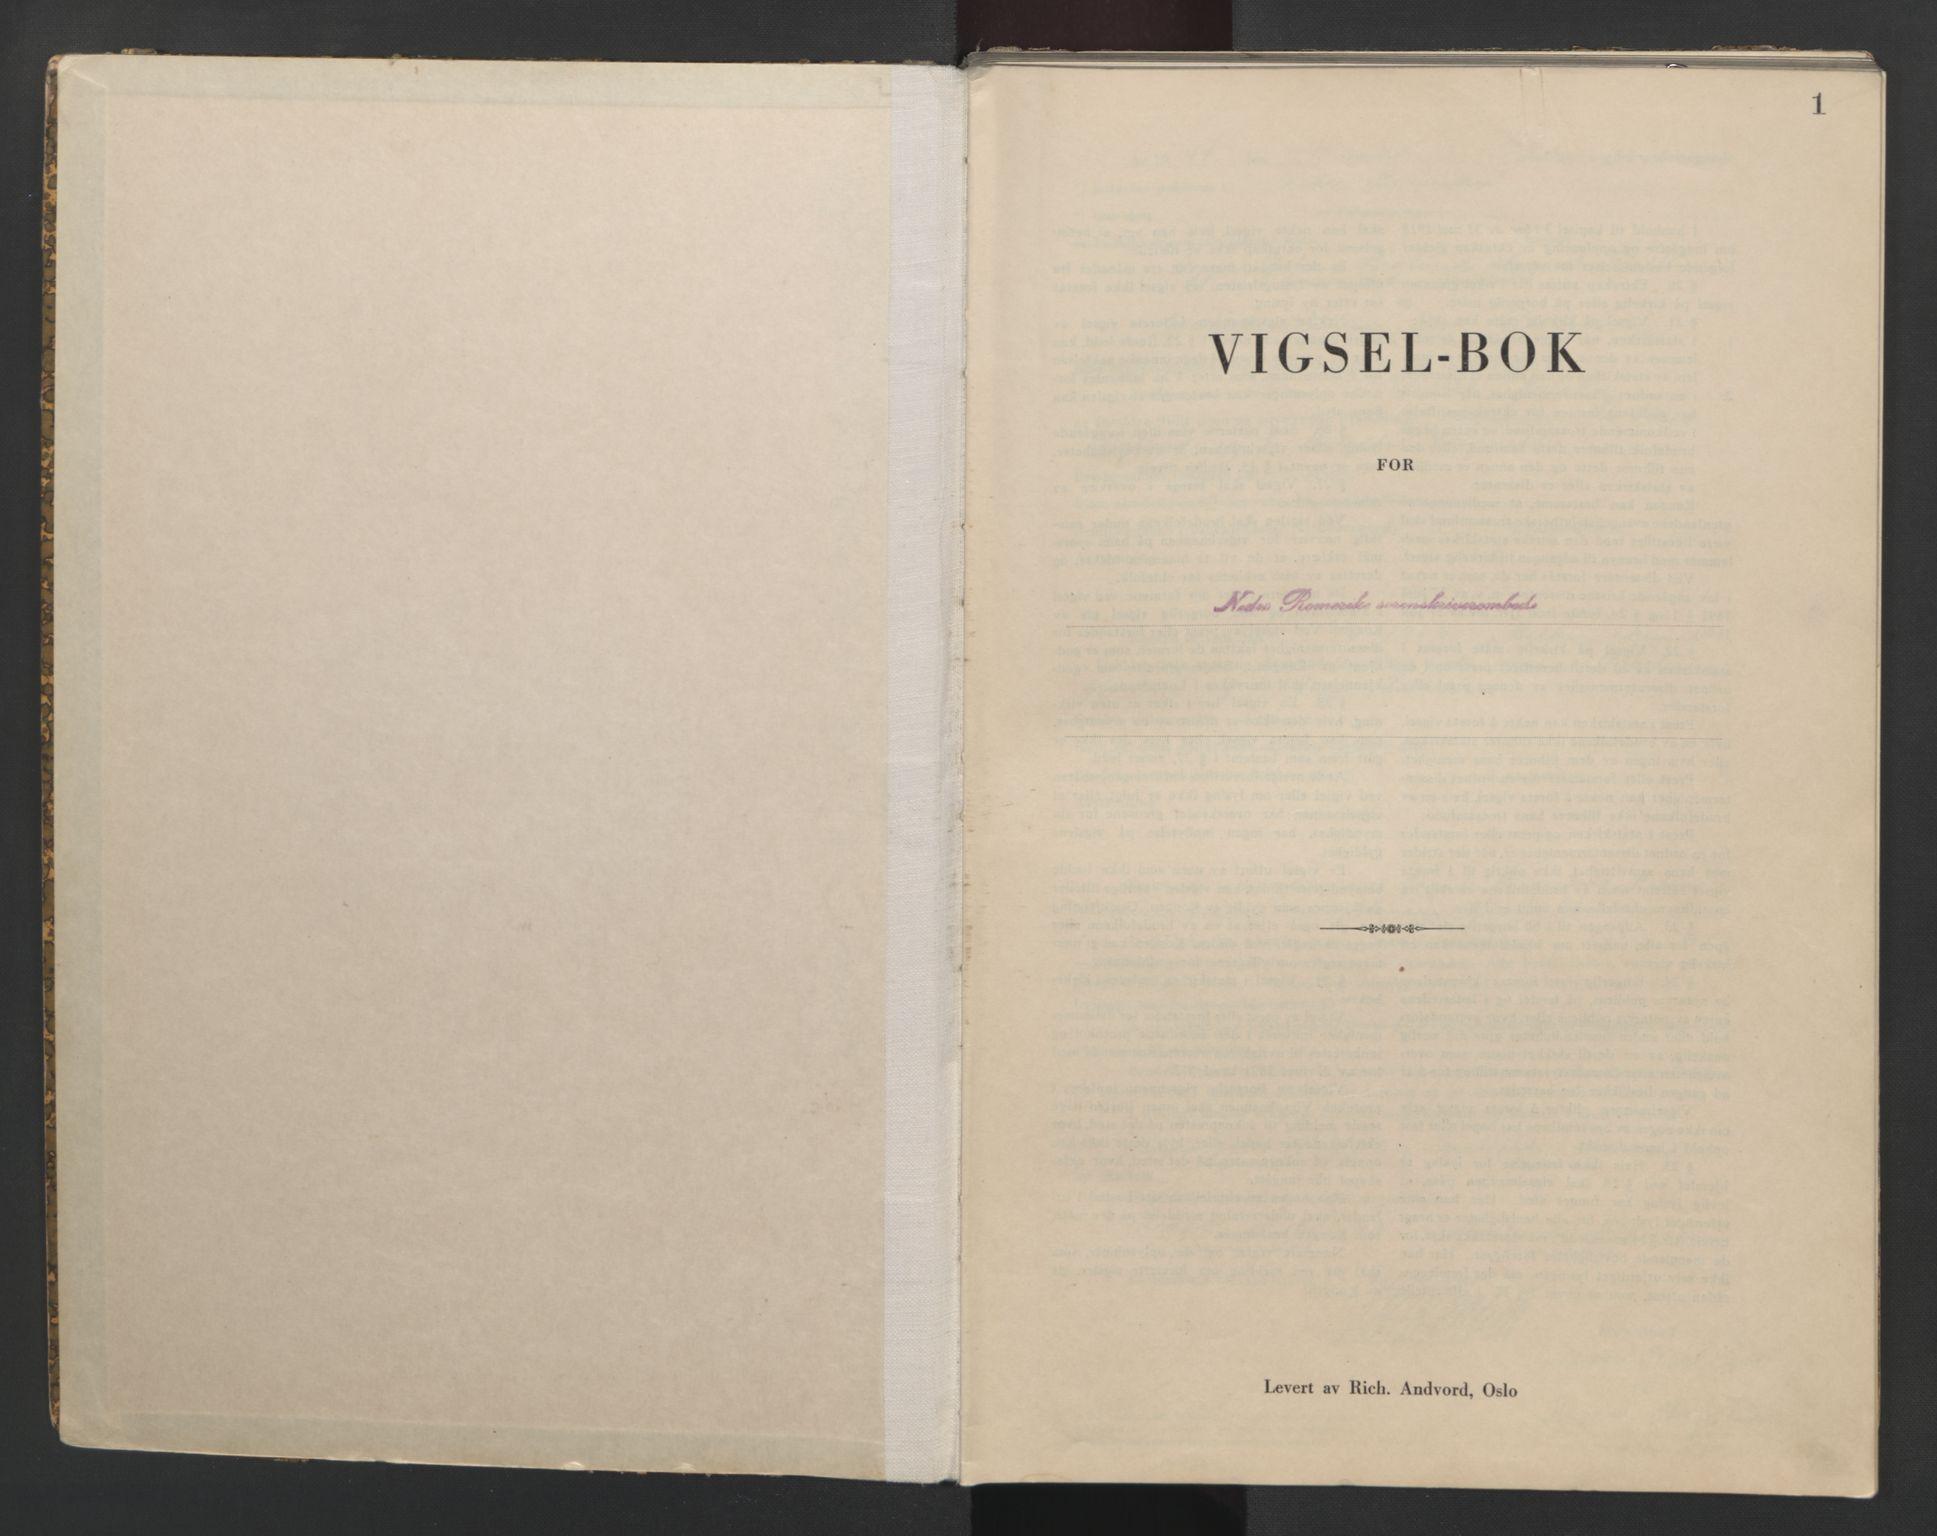 SAO, Nedre Romerike sorenskriveri, L/Lb/L0005: Vigselsbok - borgerlige vielser, 1944, s. 1